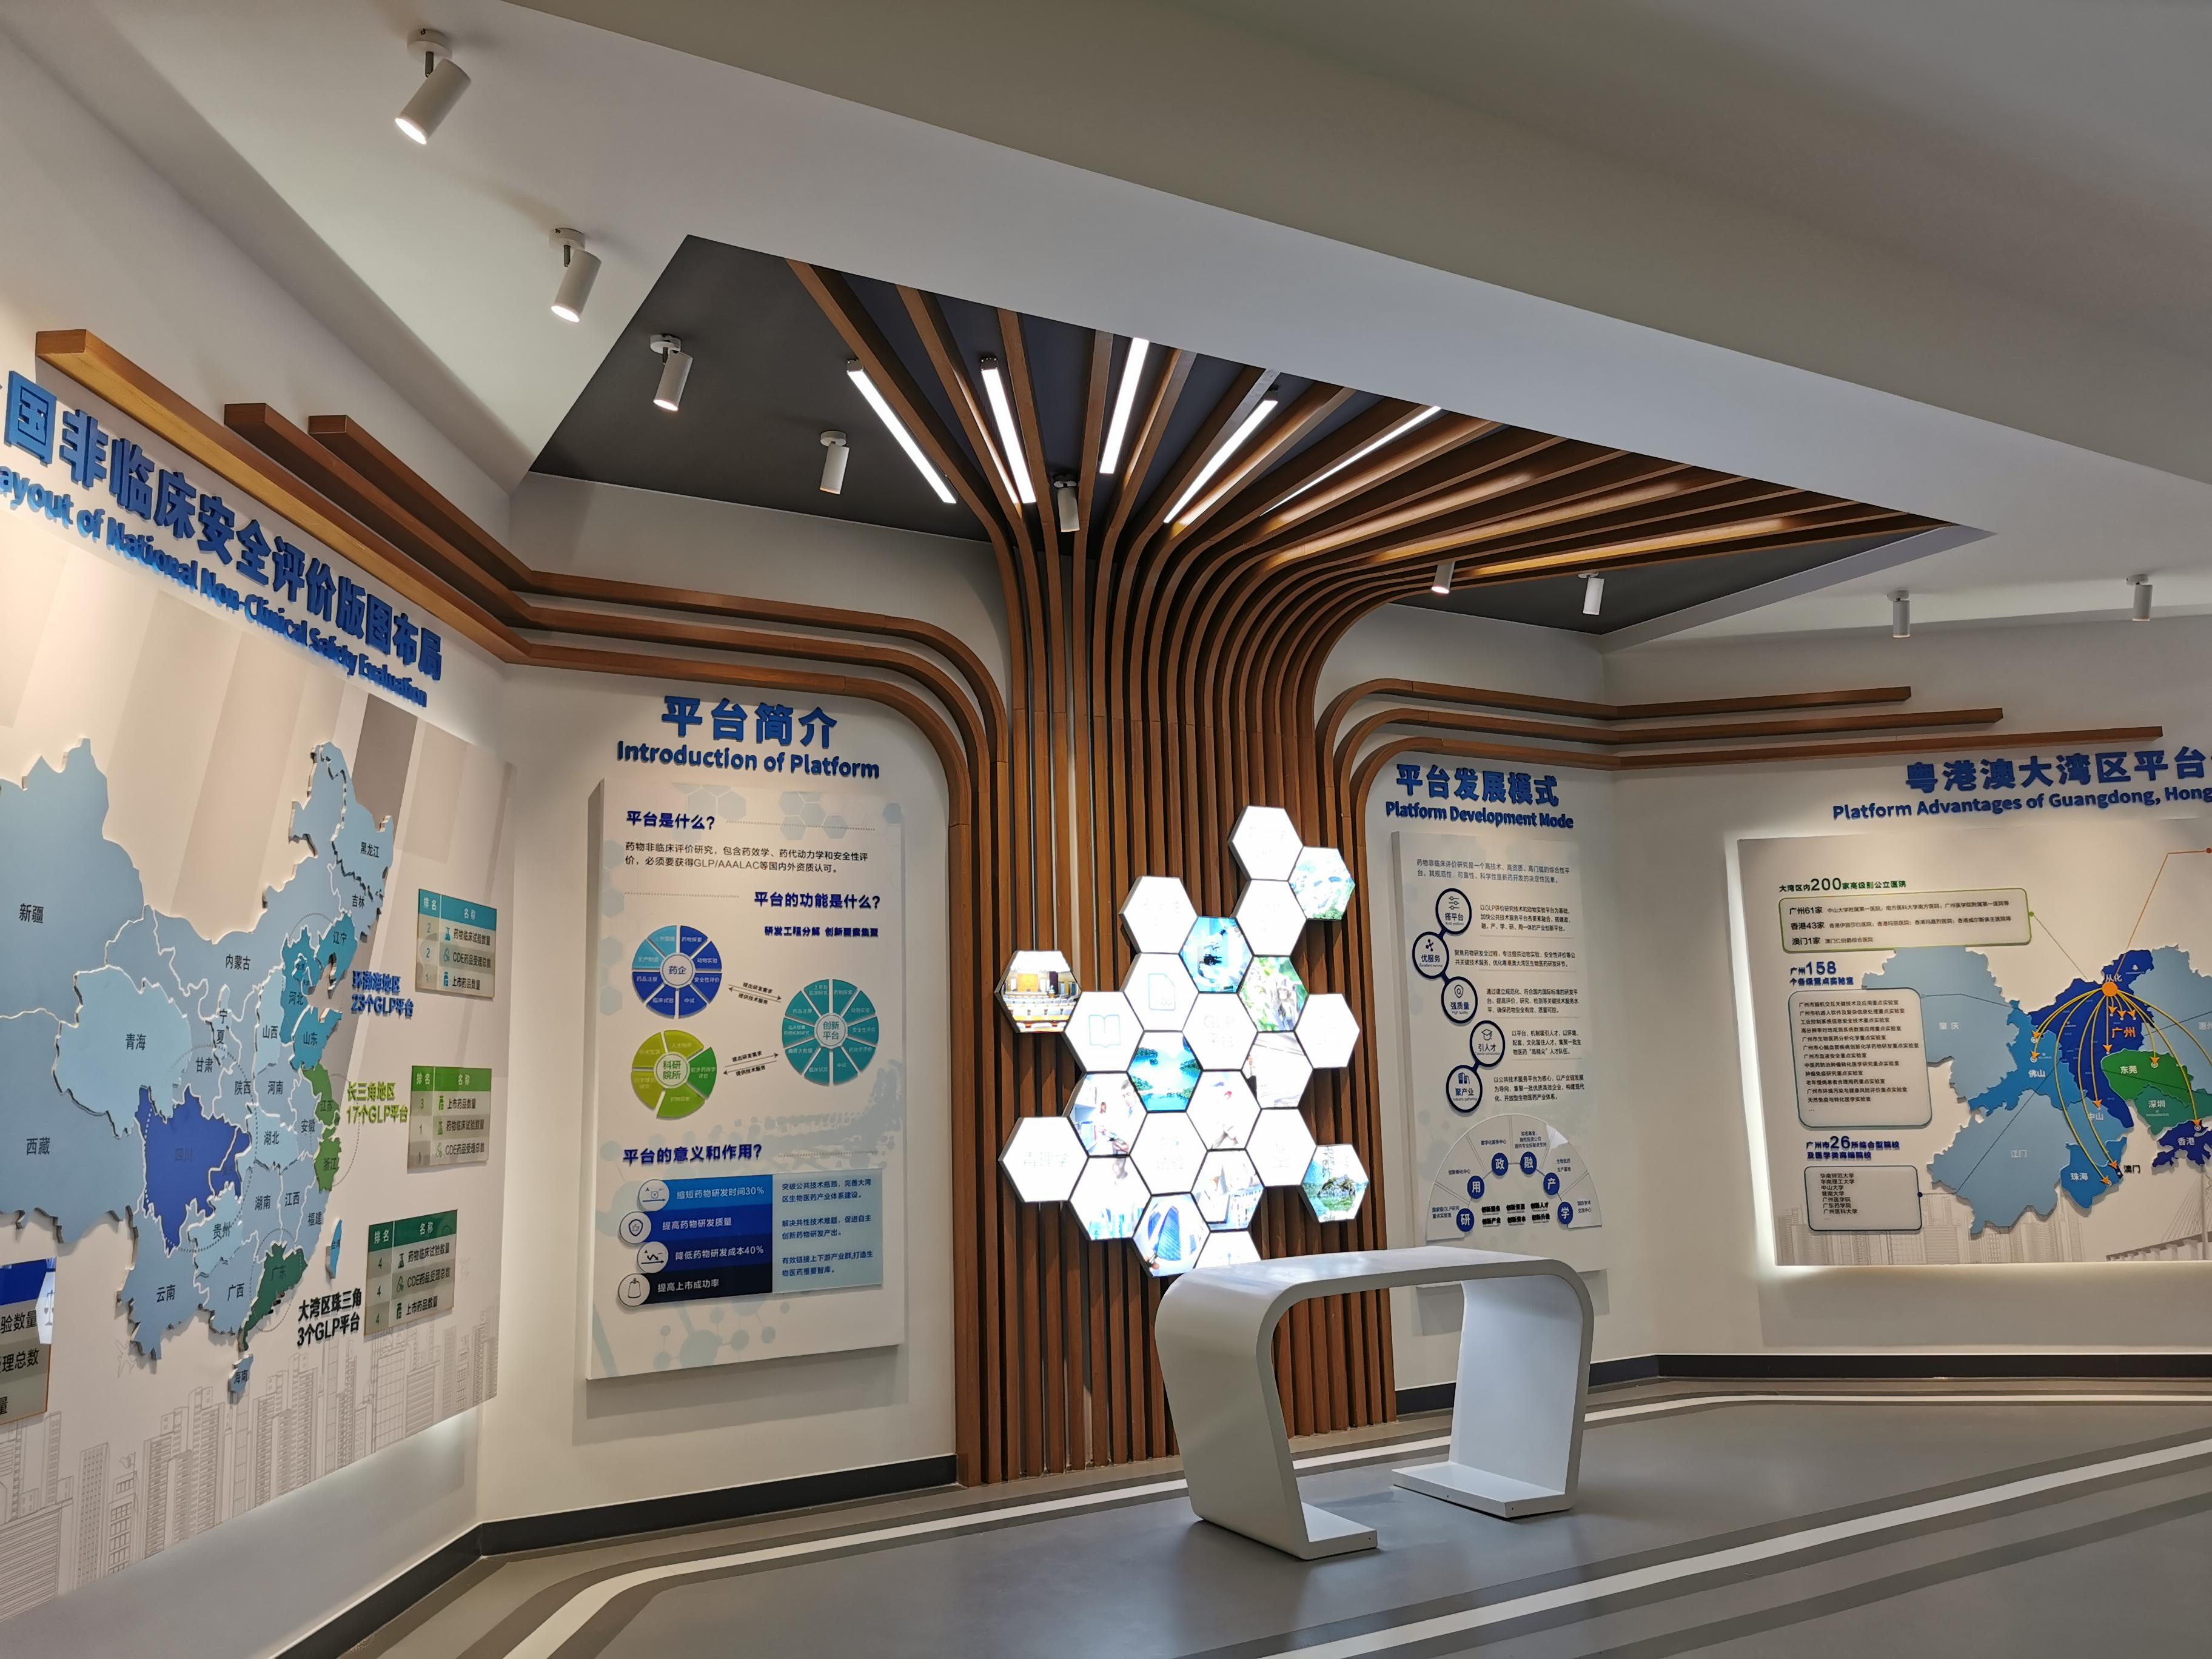 粤港澳大湾区(从化)生物医药产业创新平台-4